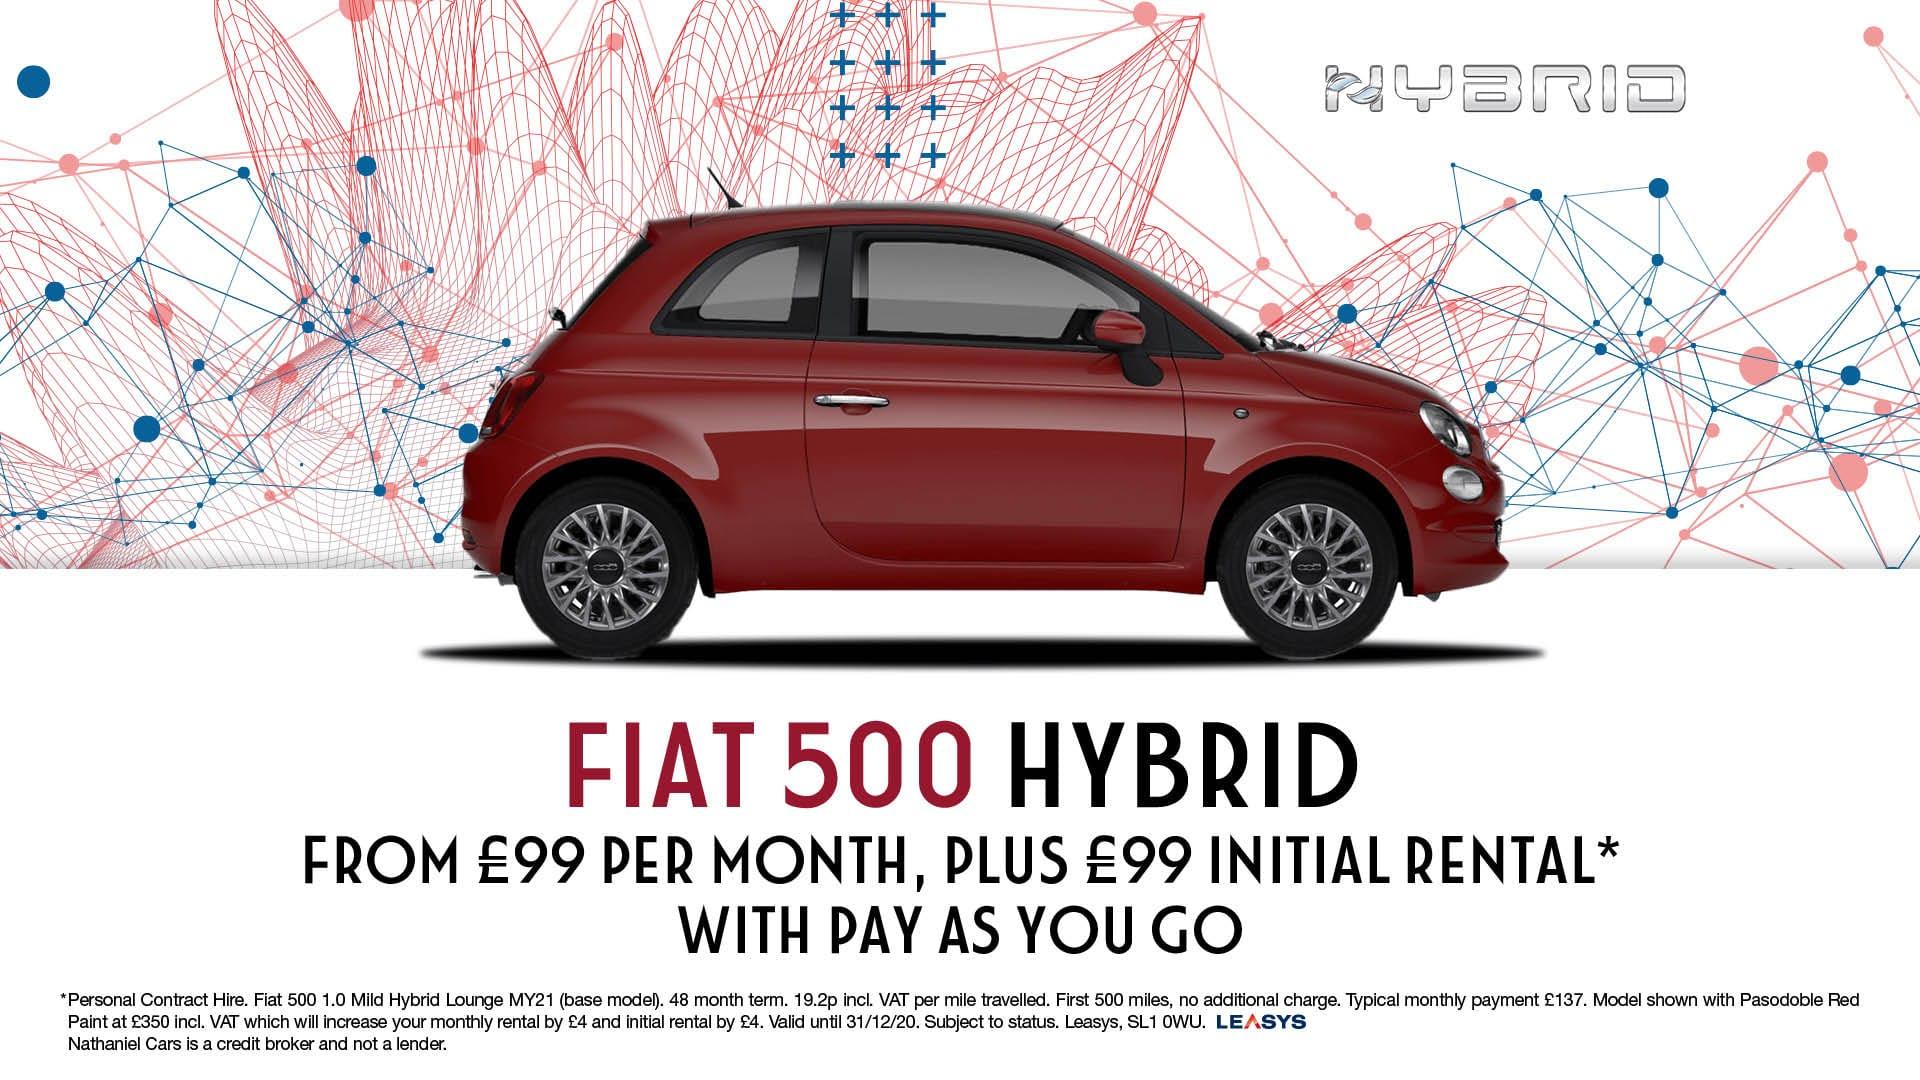 Q4 Fiat 500 Hybrid - Website Banner - 1920 x 1080